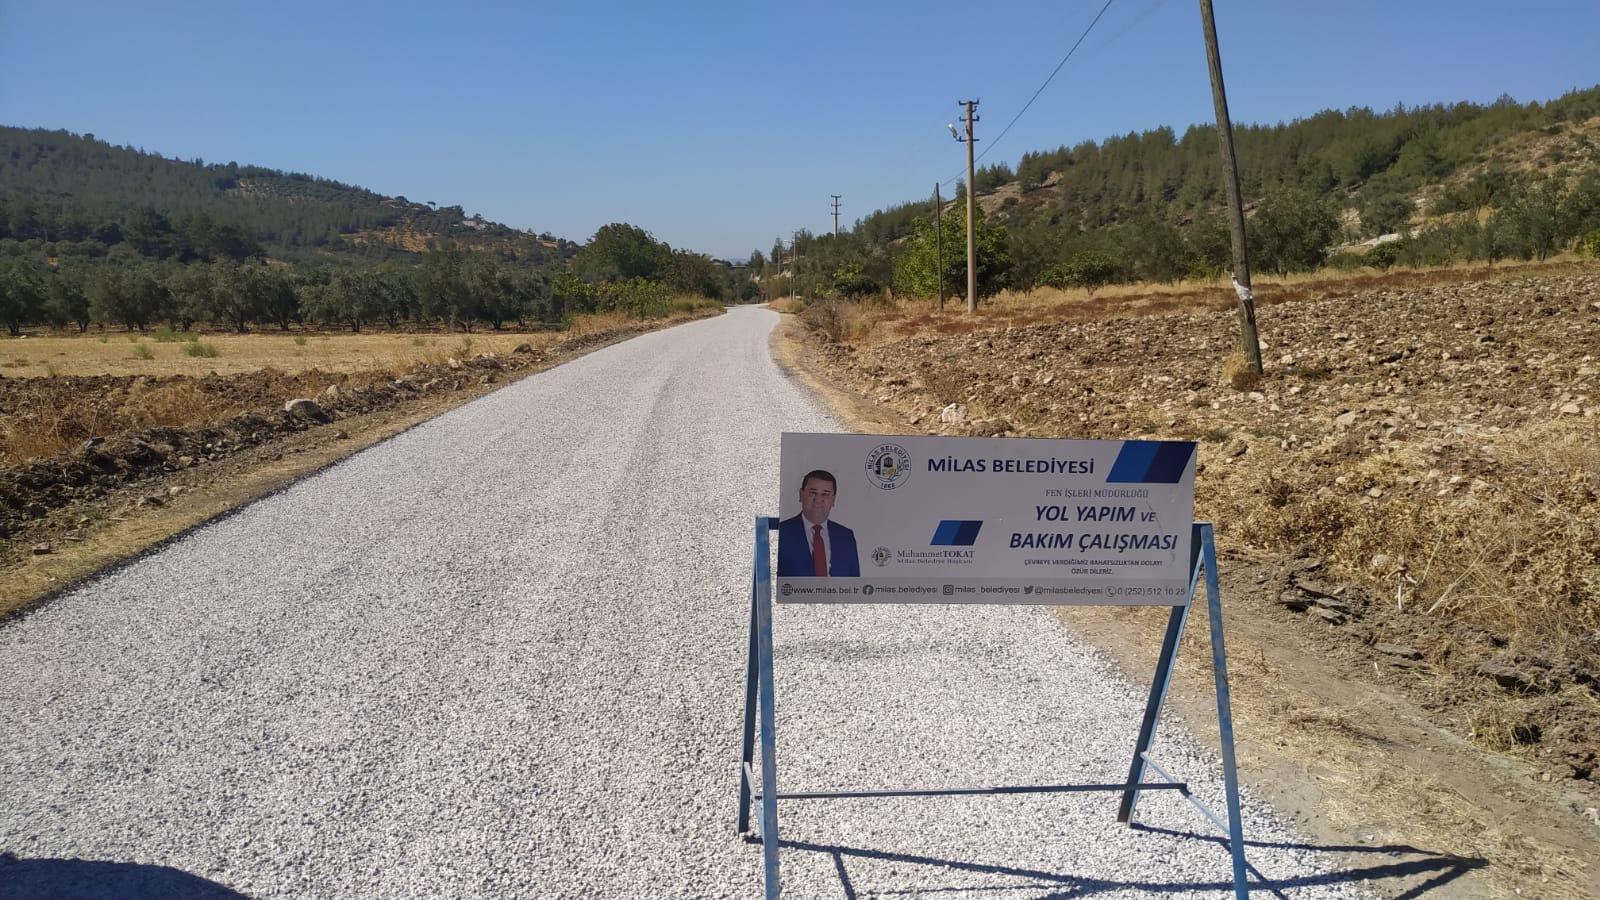 Milas Belediyesi çalışmalarını sürdürüyor